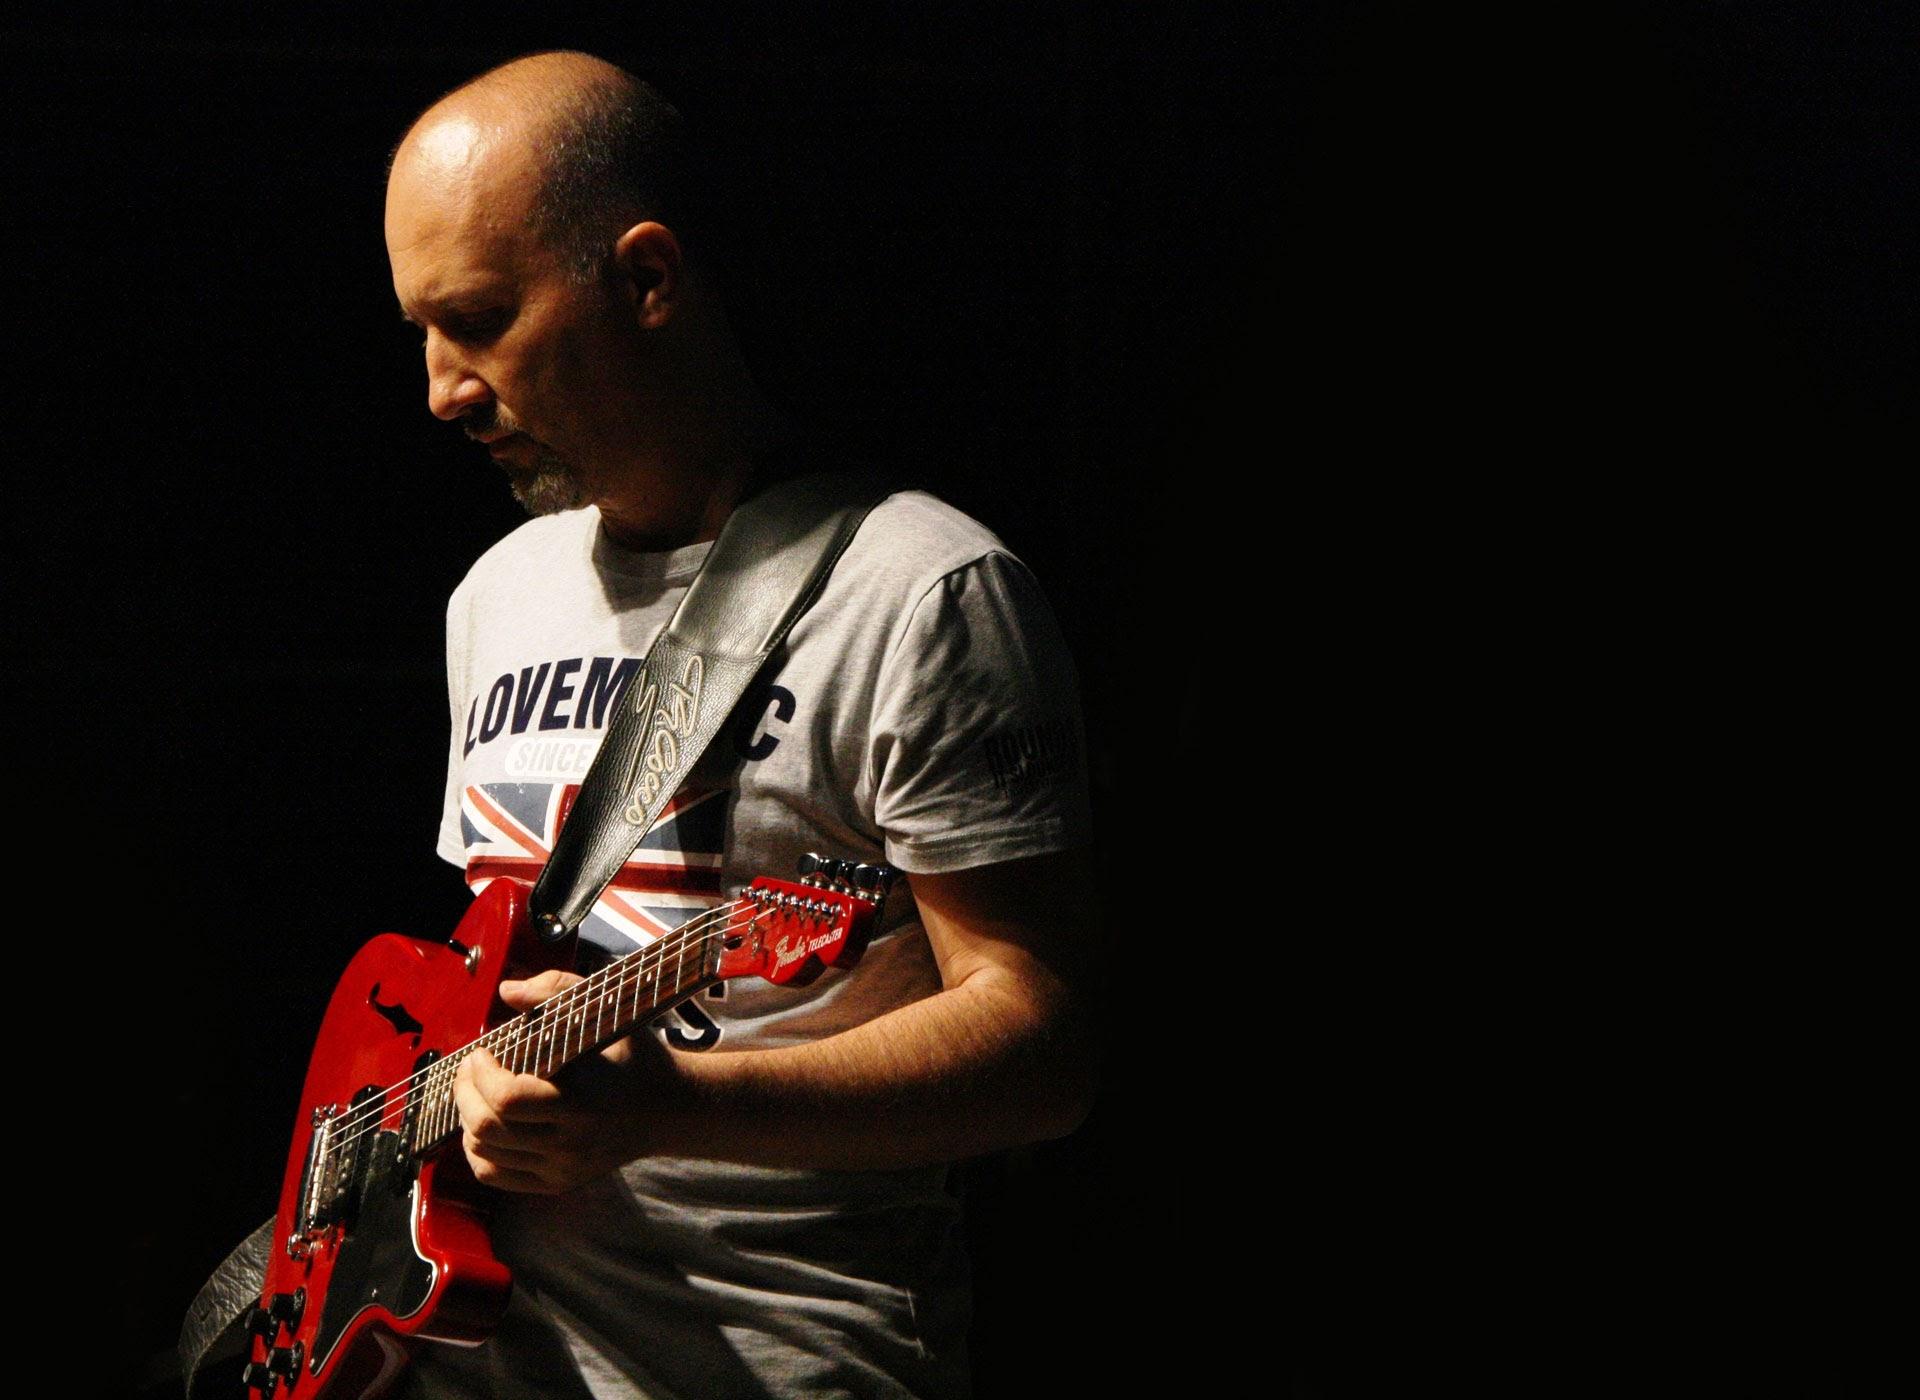 Stefano Micarelli Lezioni di Chitarra Corsi professionali di chitarra